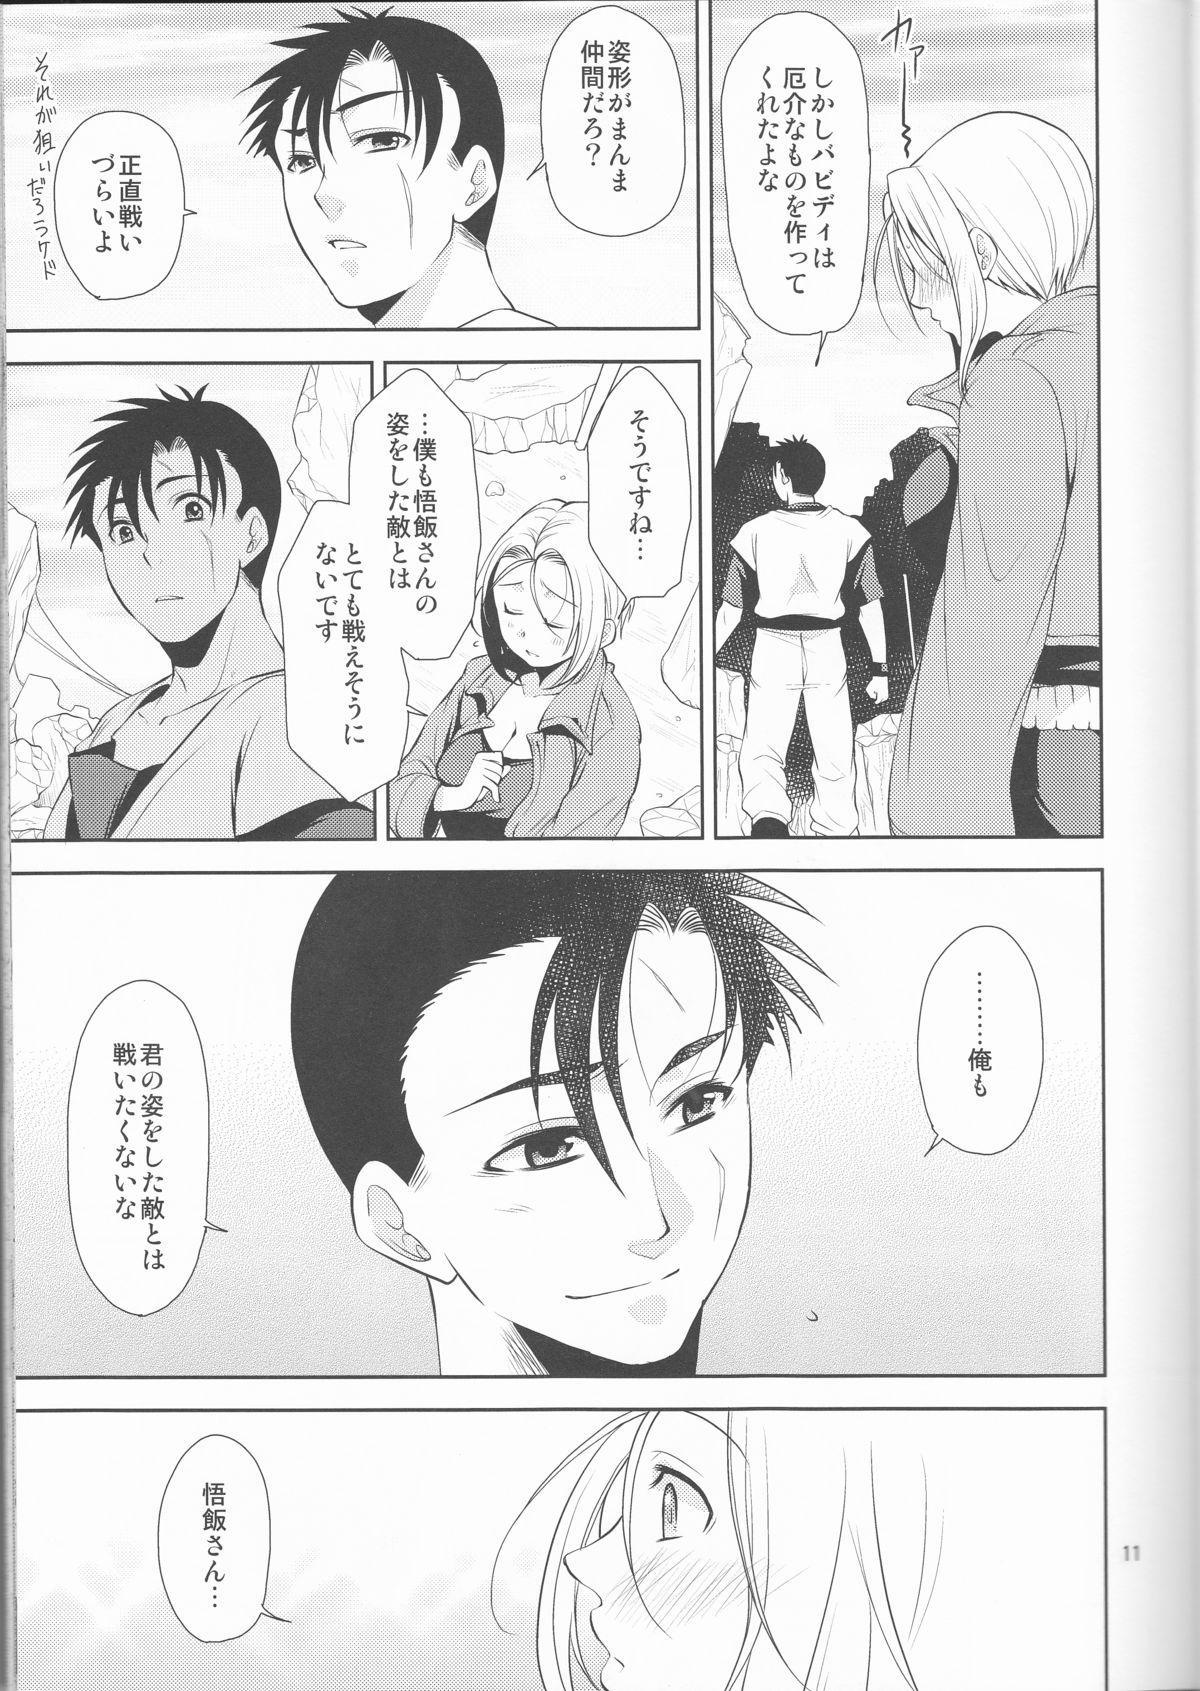 Soshite Boku wa Sono Suisen ni Miirareta. 10